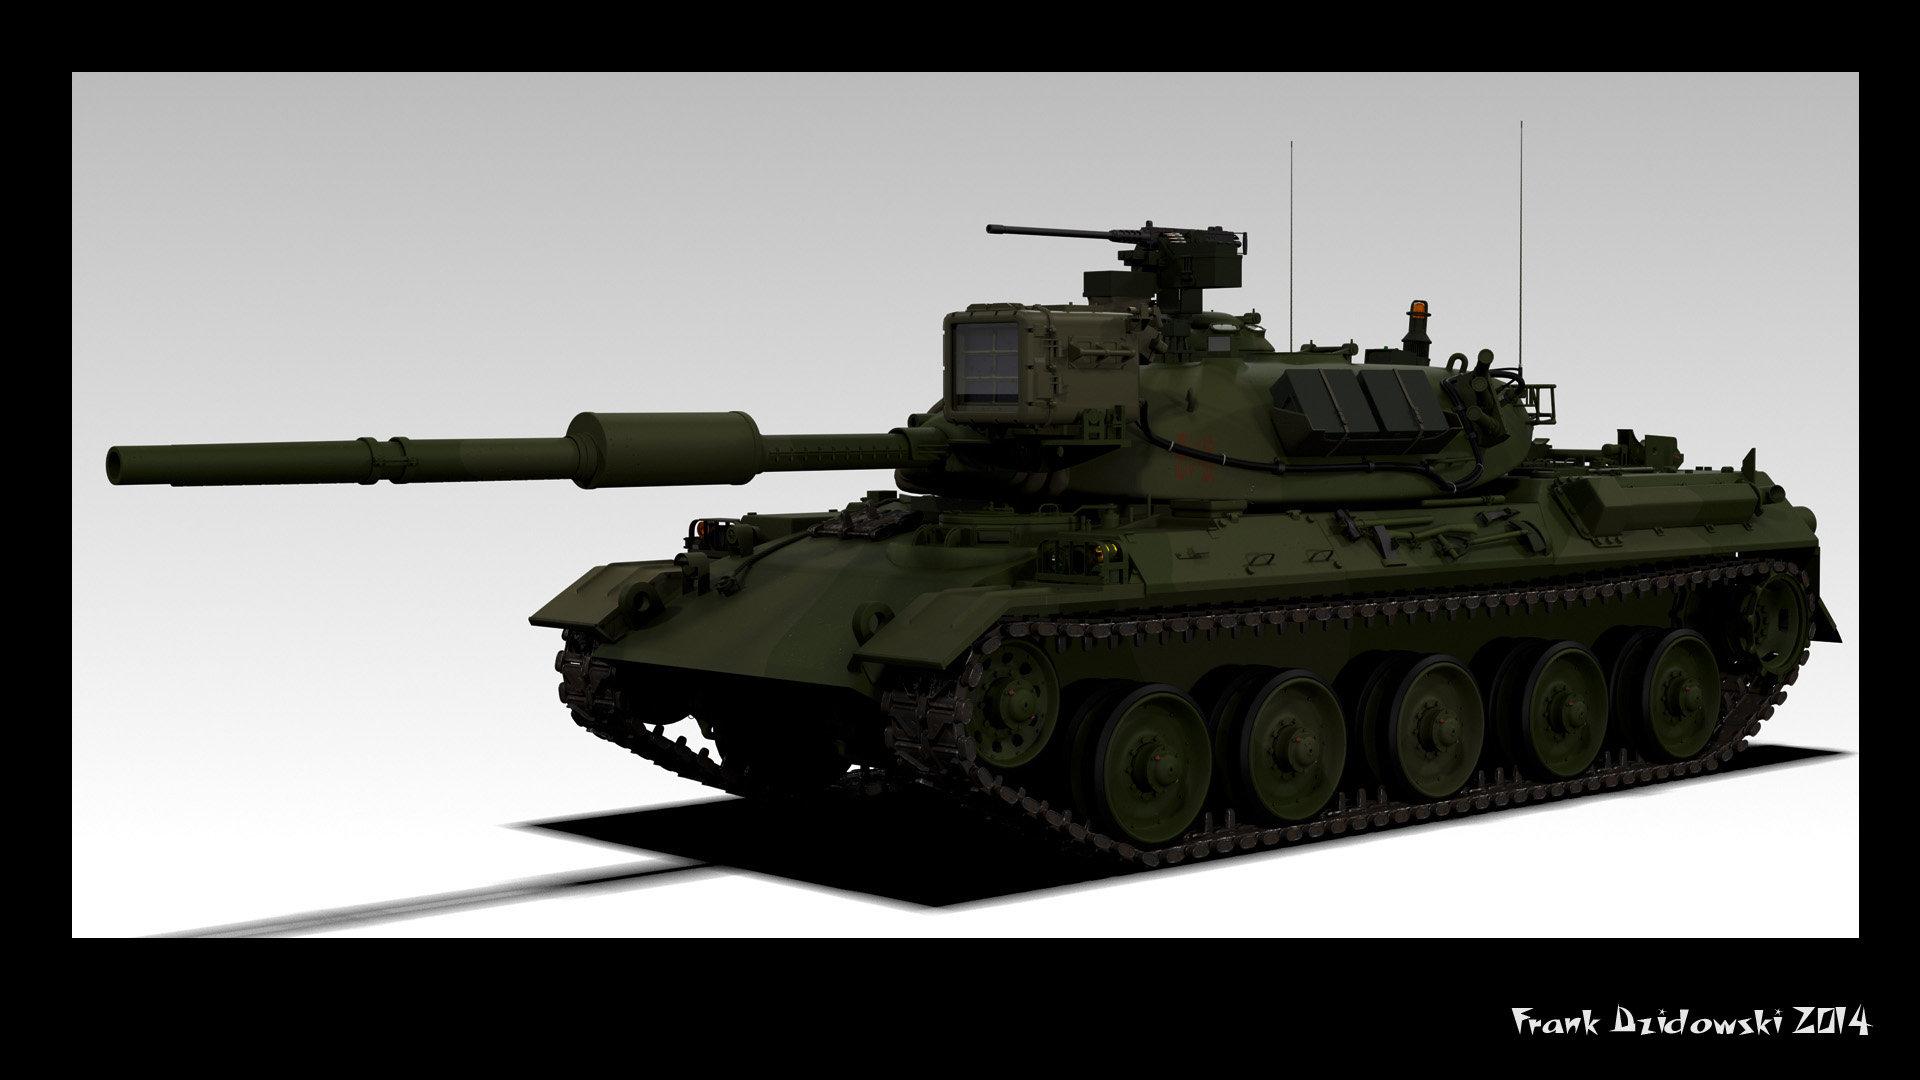 Frank dzidowski type 74 v testm v048